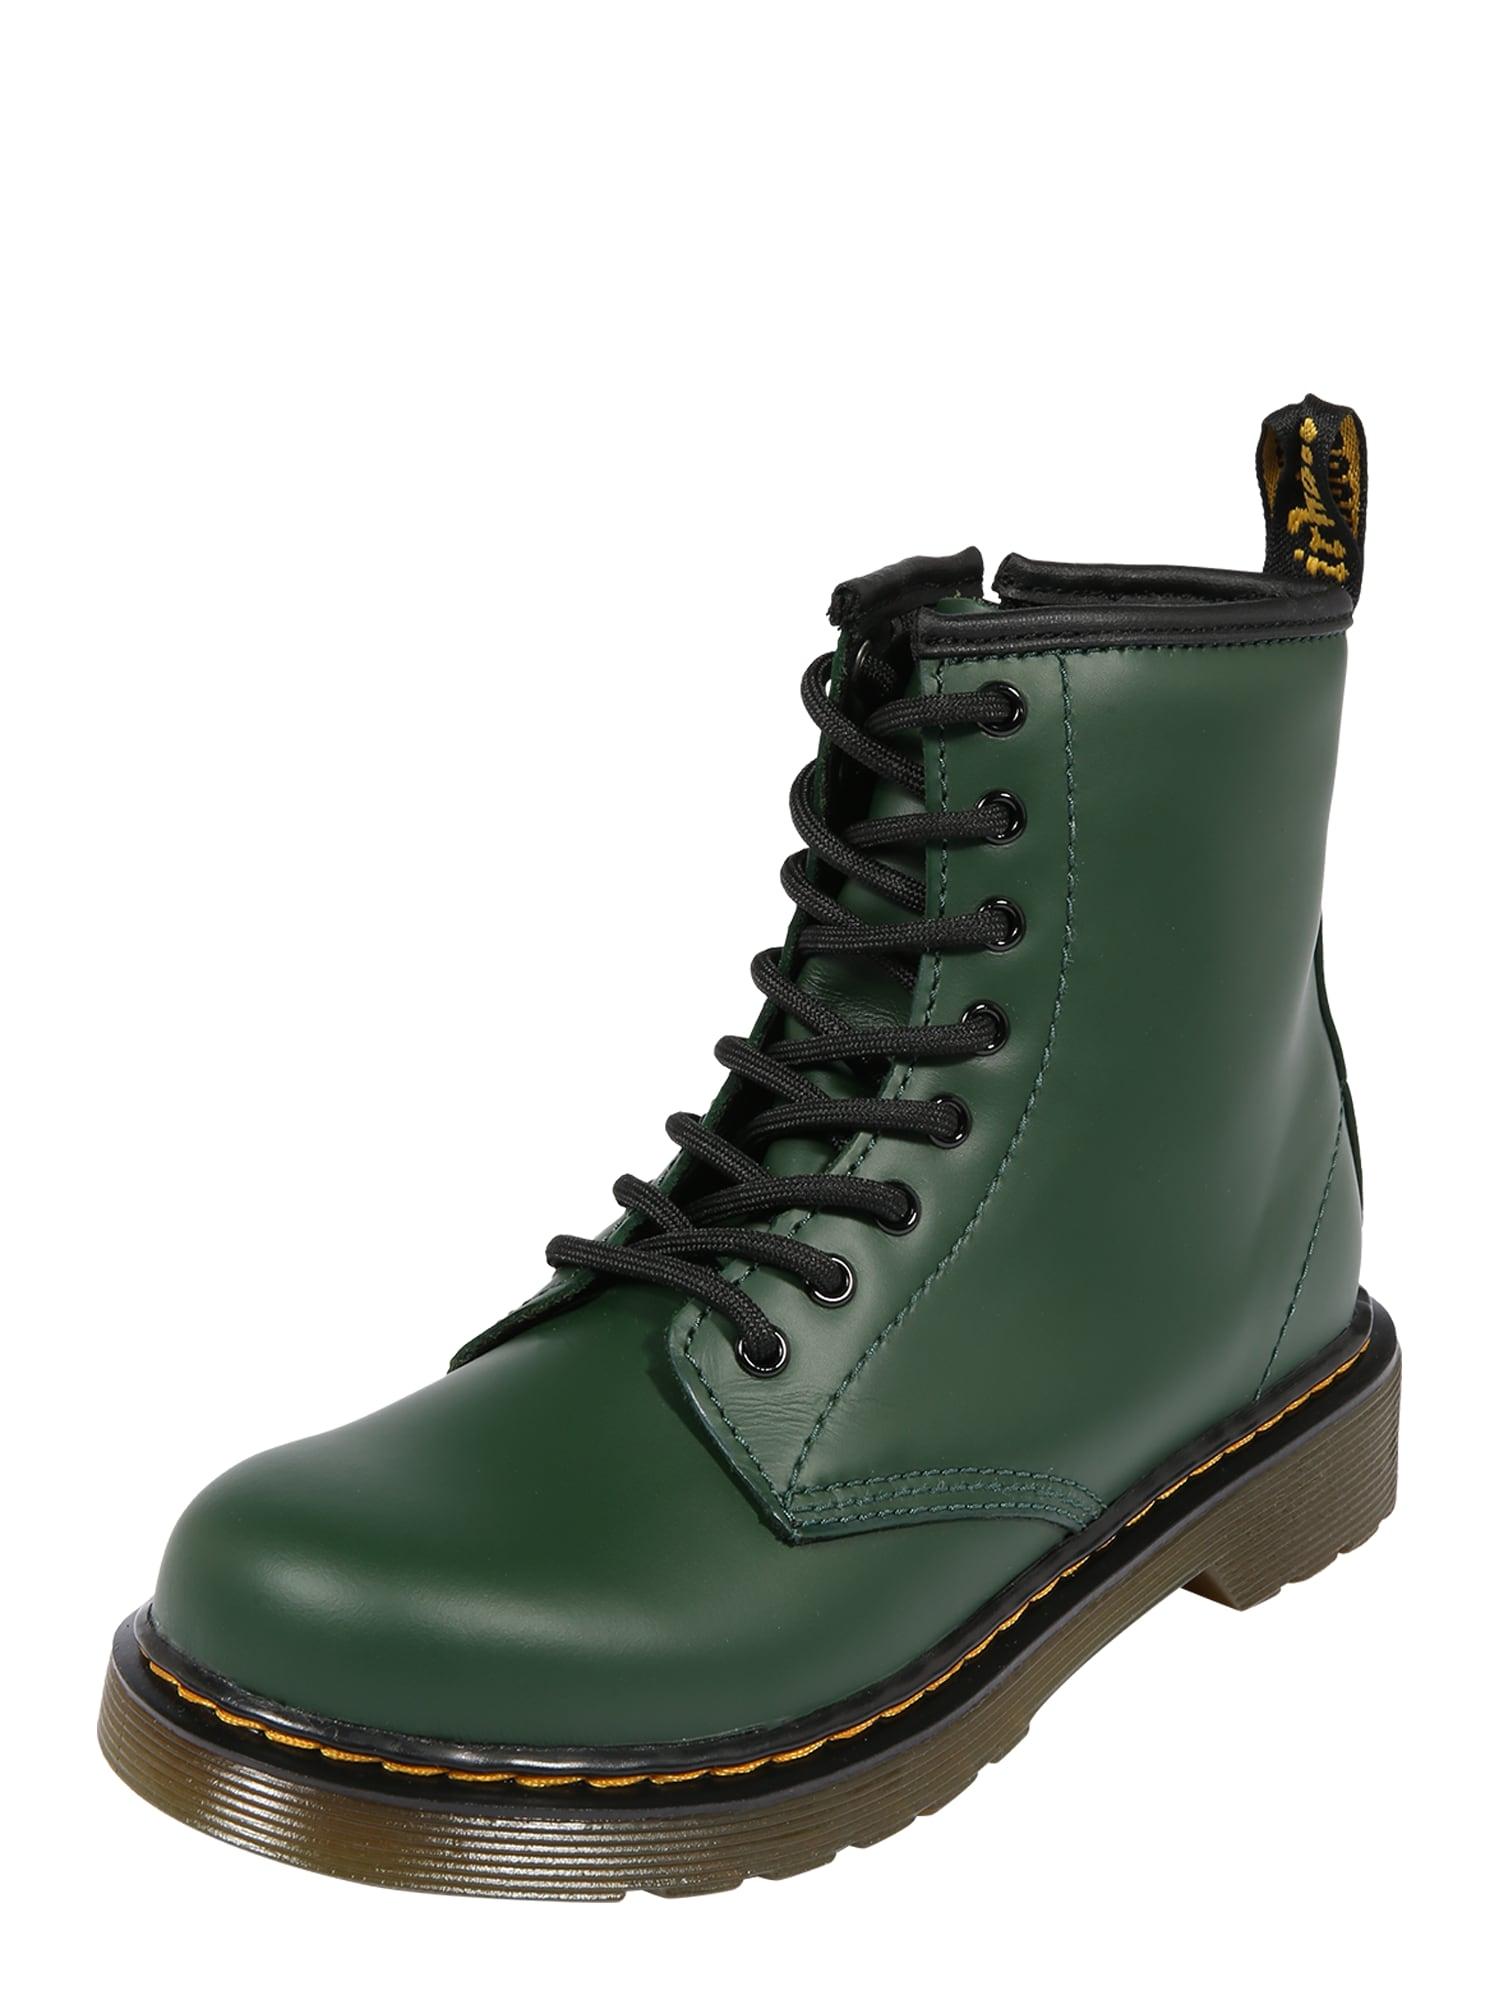 Dr. Martens Auliniai tamsiai žalia / juoda / geltona